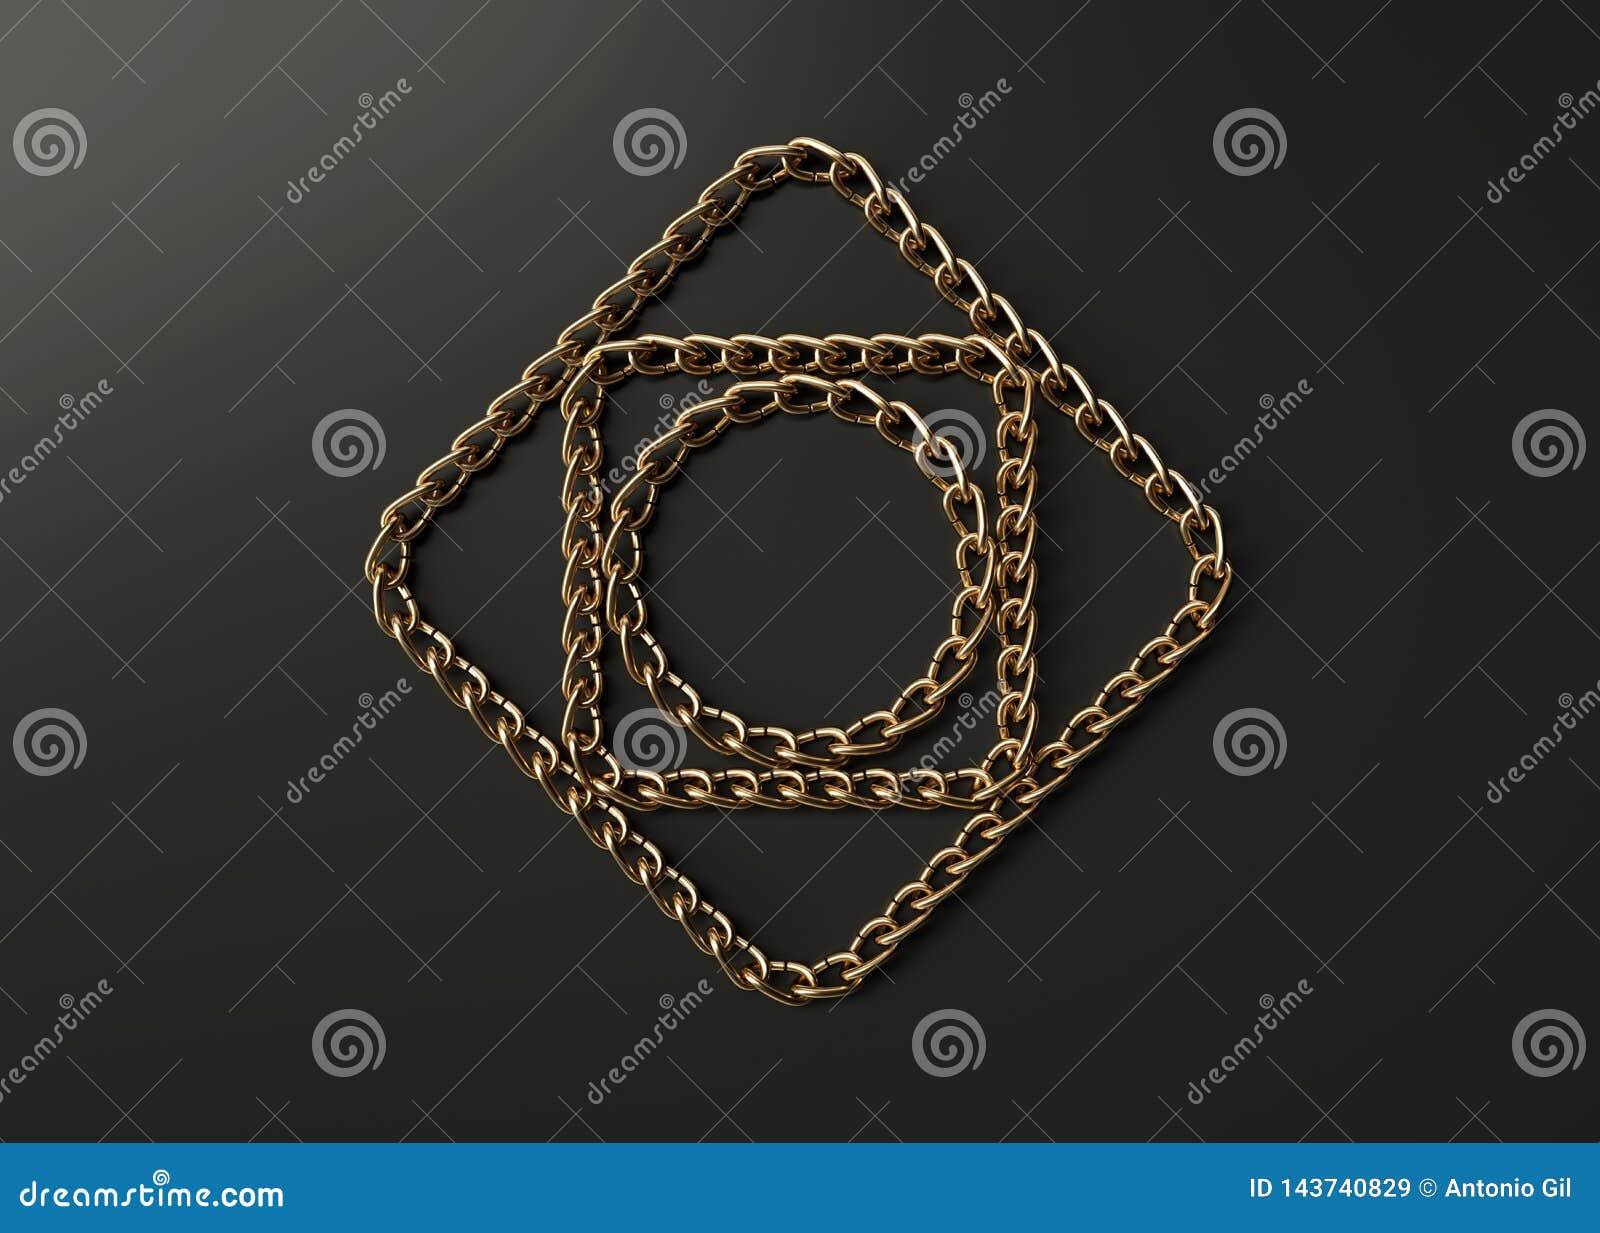 Złotych łańcuchów motyw